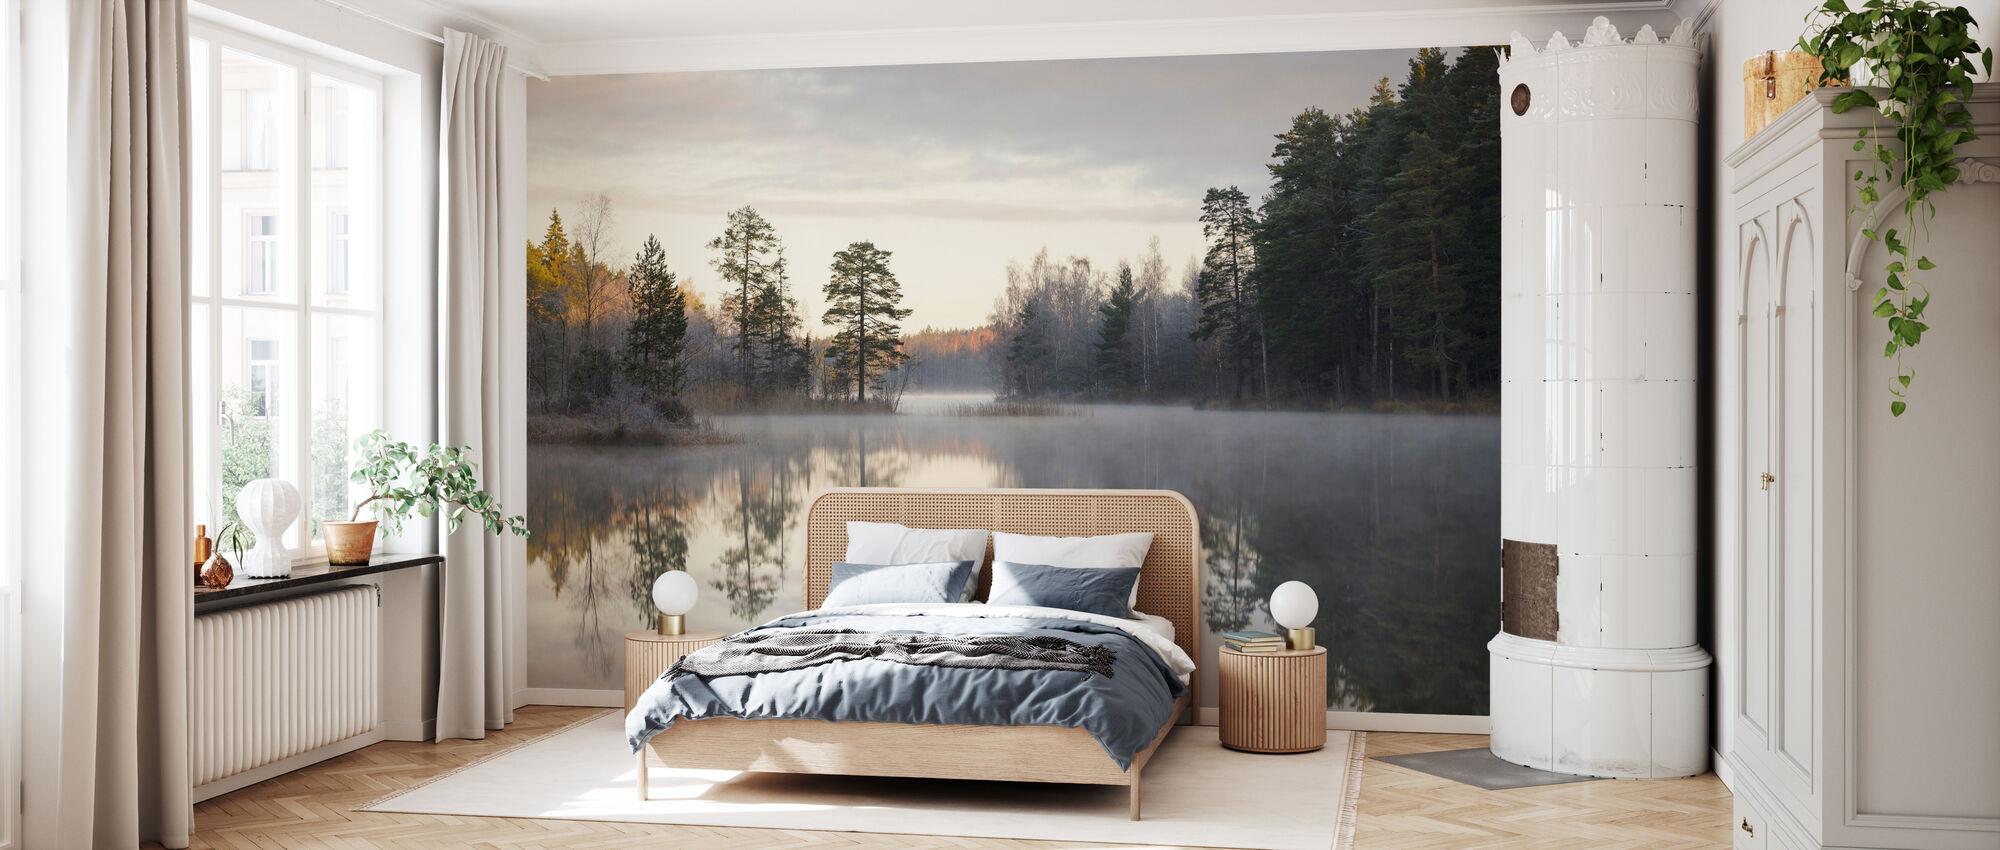 Foggy Morning - Wallpaper - Bedroom